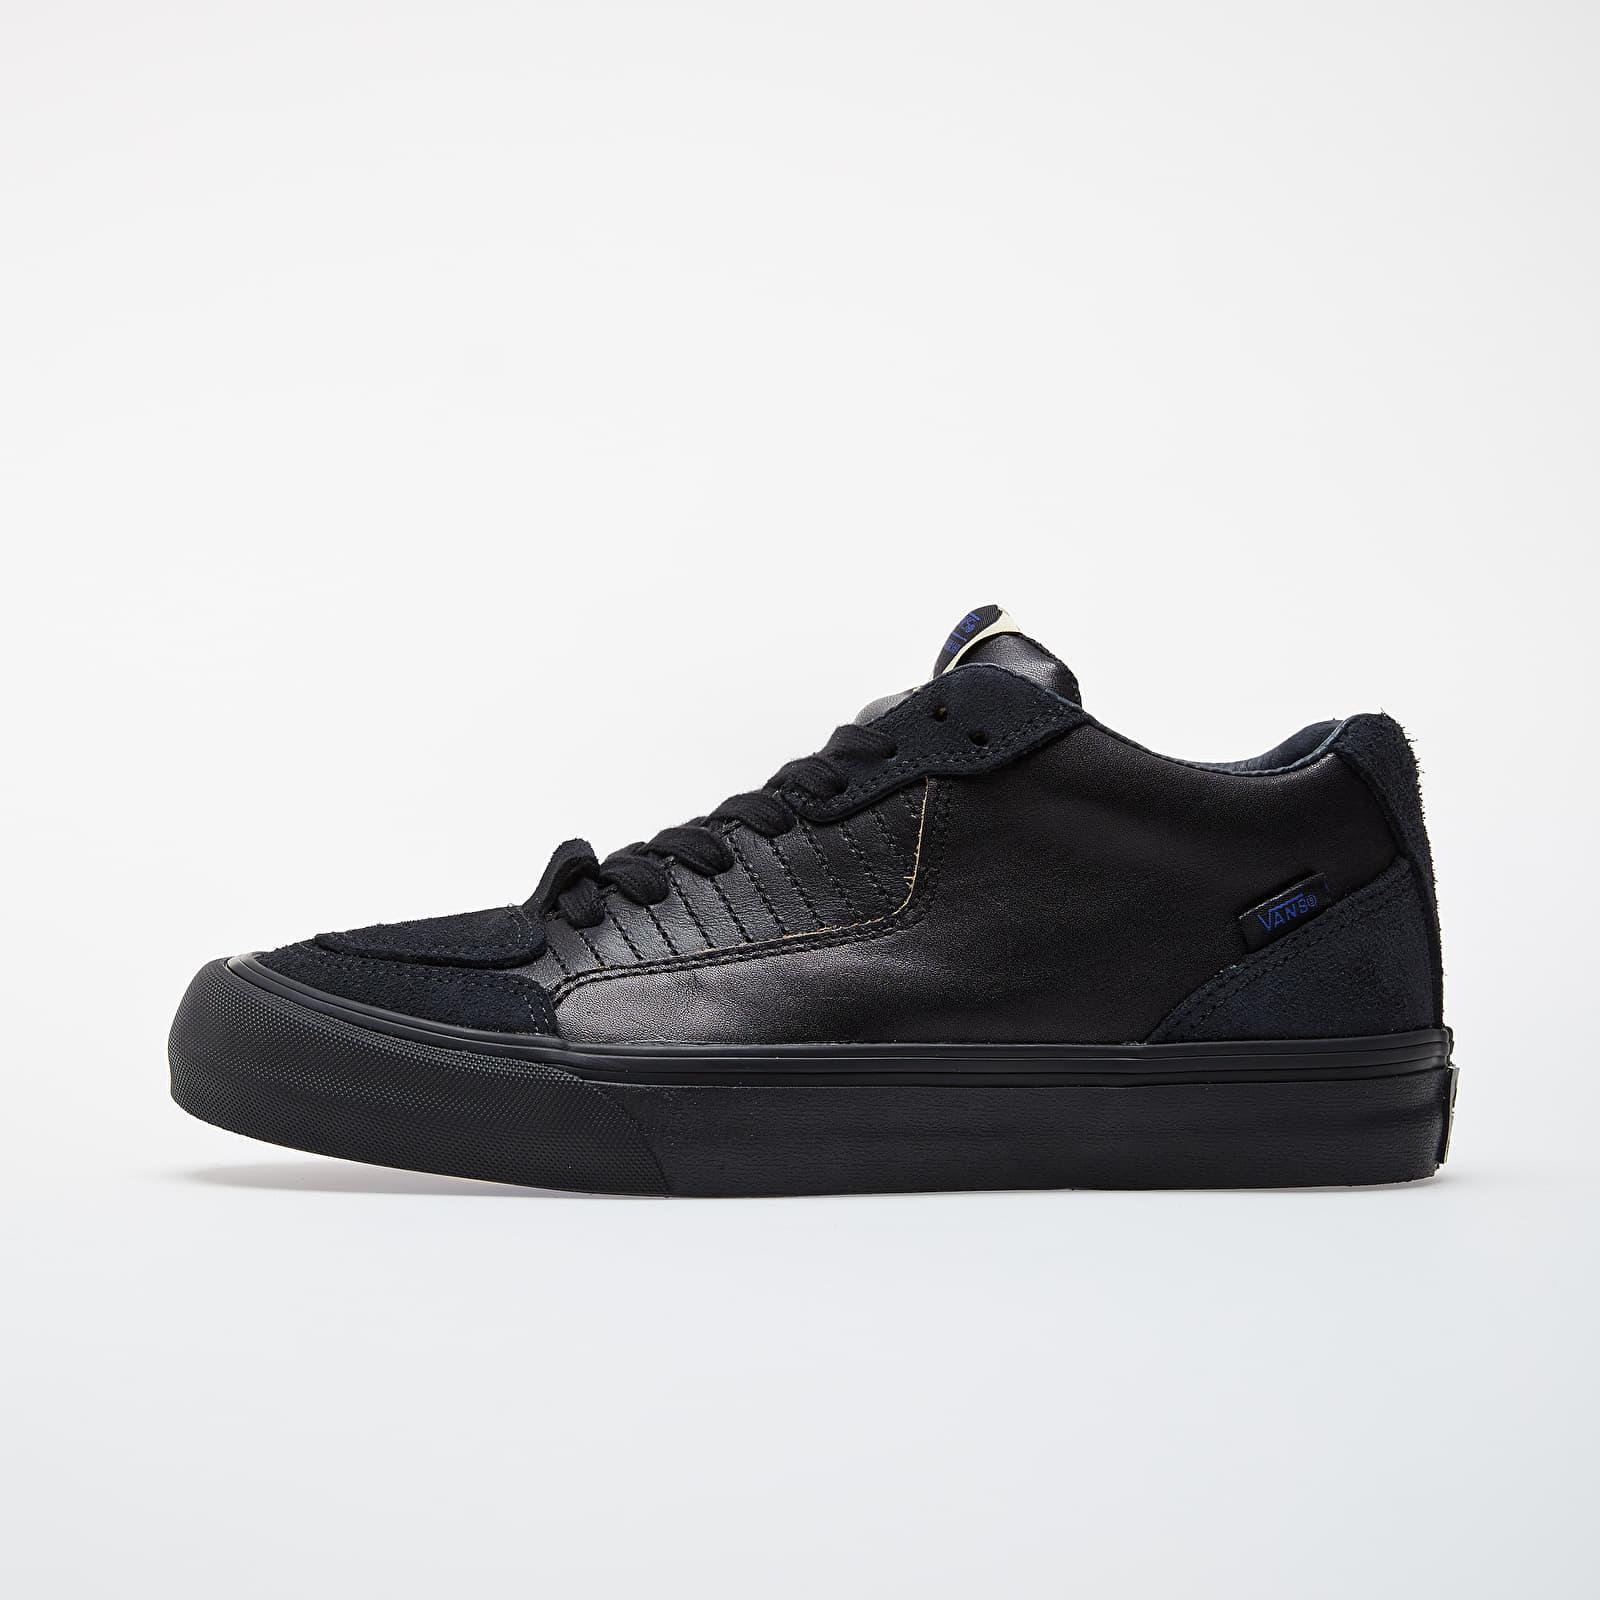 Pánské tenisky a boty Vans x Taka Hayashi Style 98 LX (Leather/ Hairy Suede) Black